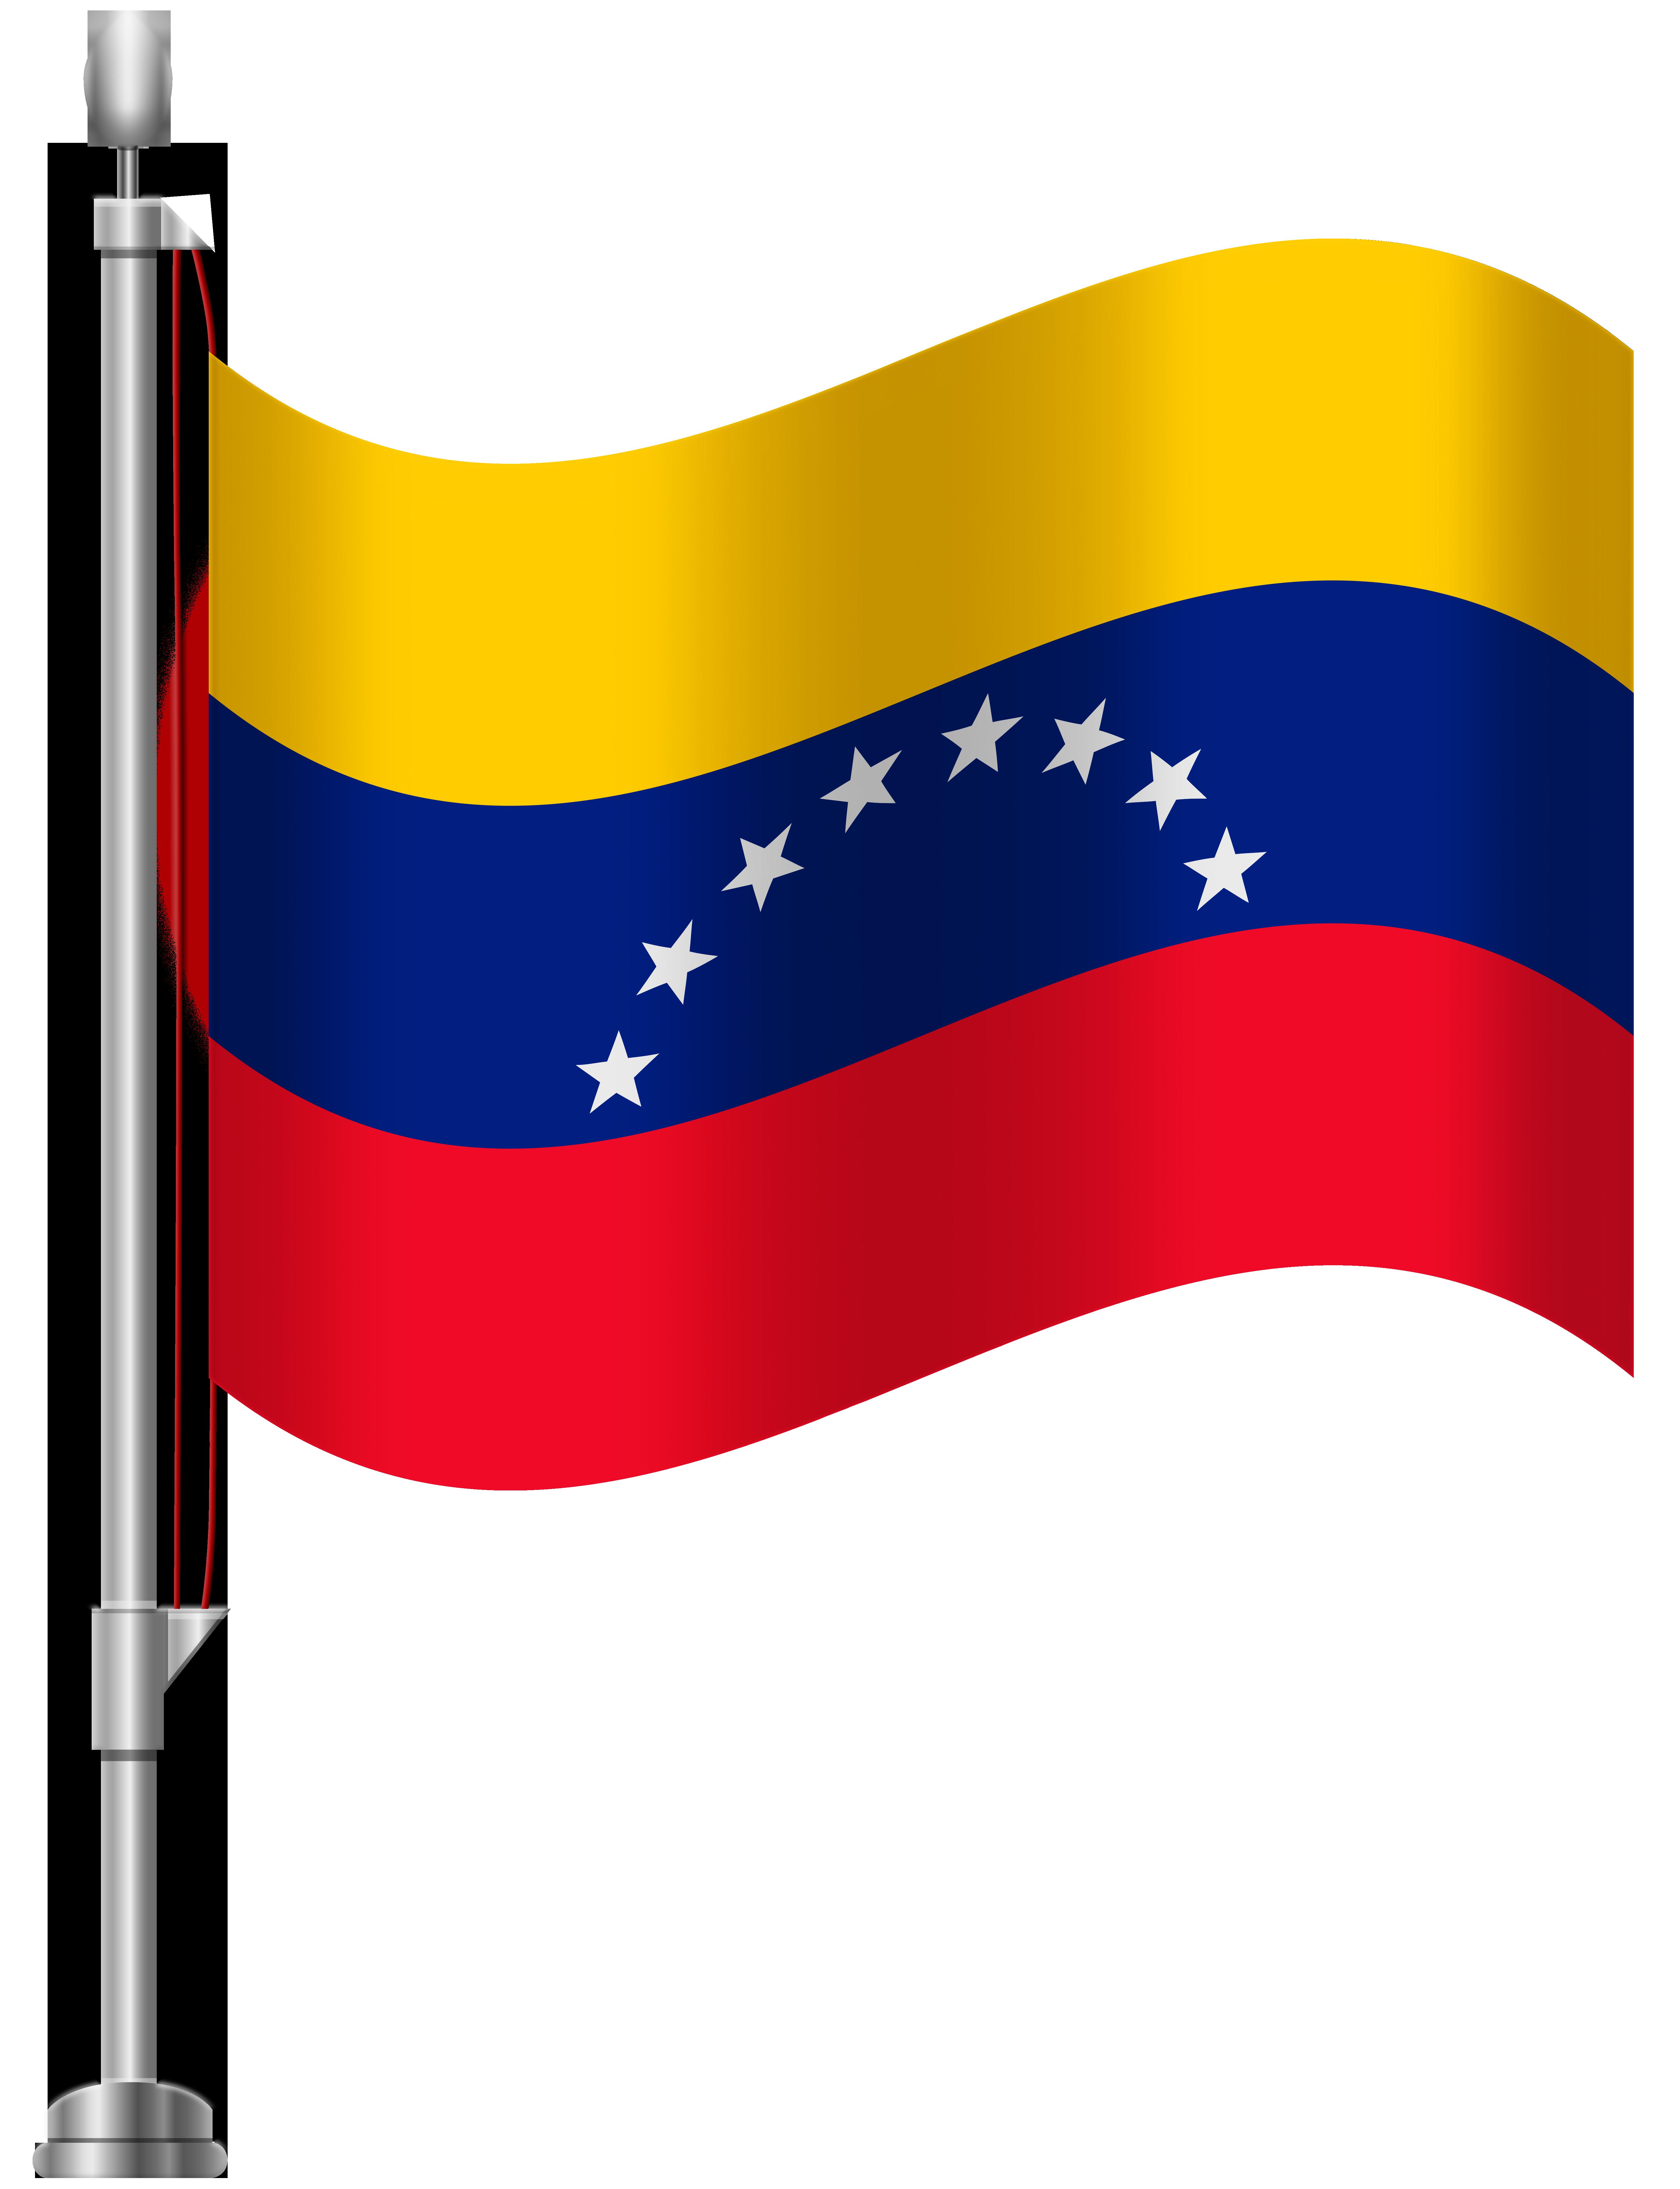 Venezuala clipart image stock Venezuela Flag PNG Clip Art - Best WEB Clipart image stock